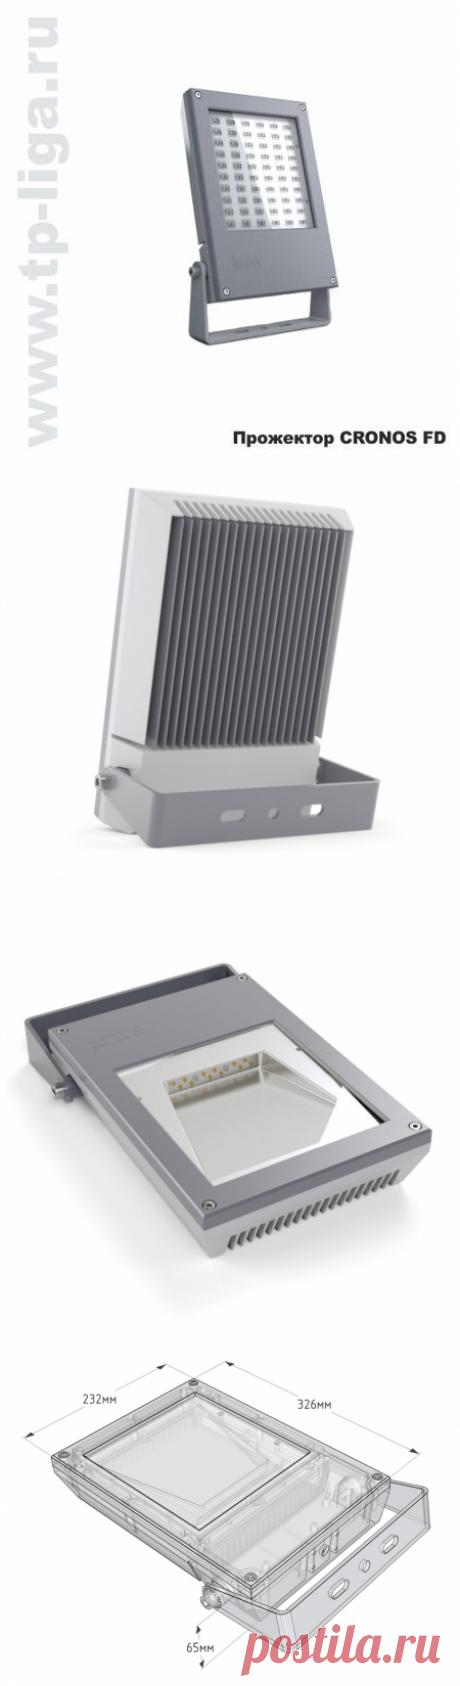 Прожектор уличный CRONOS FD100 S   100 - 150 Вт